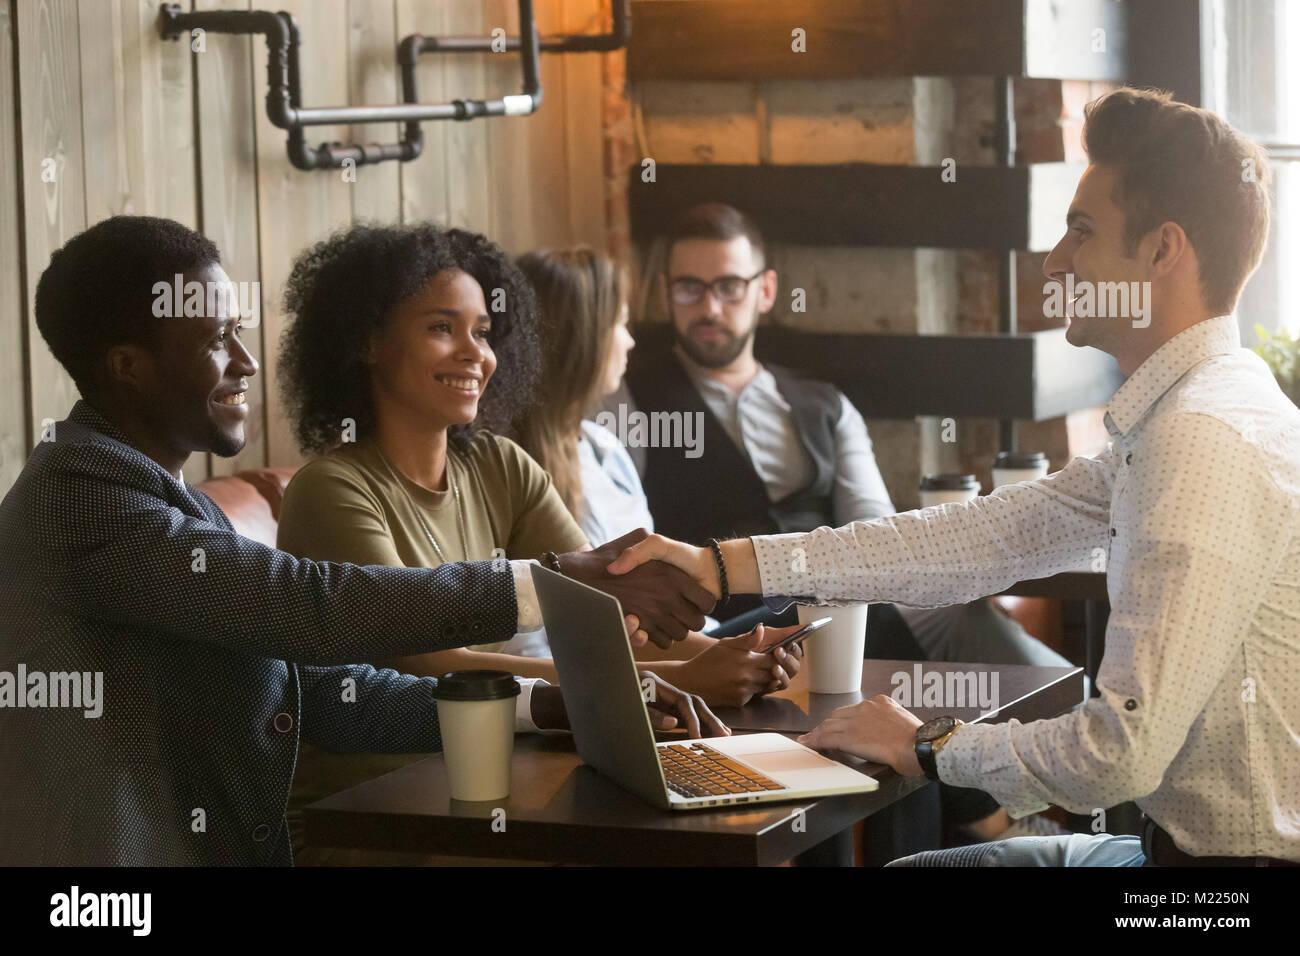 Les hommes de race blanche et de l'Afrique multiraciale à poignée en réunion Photo Stock